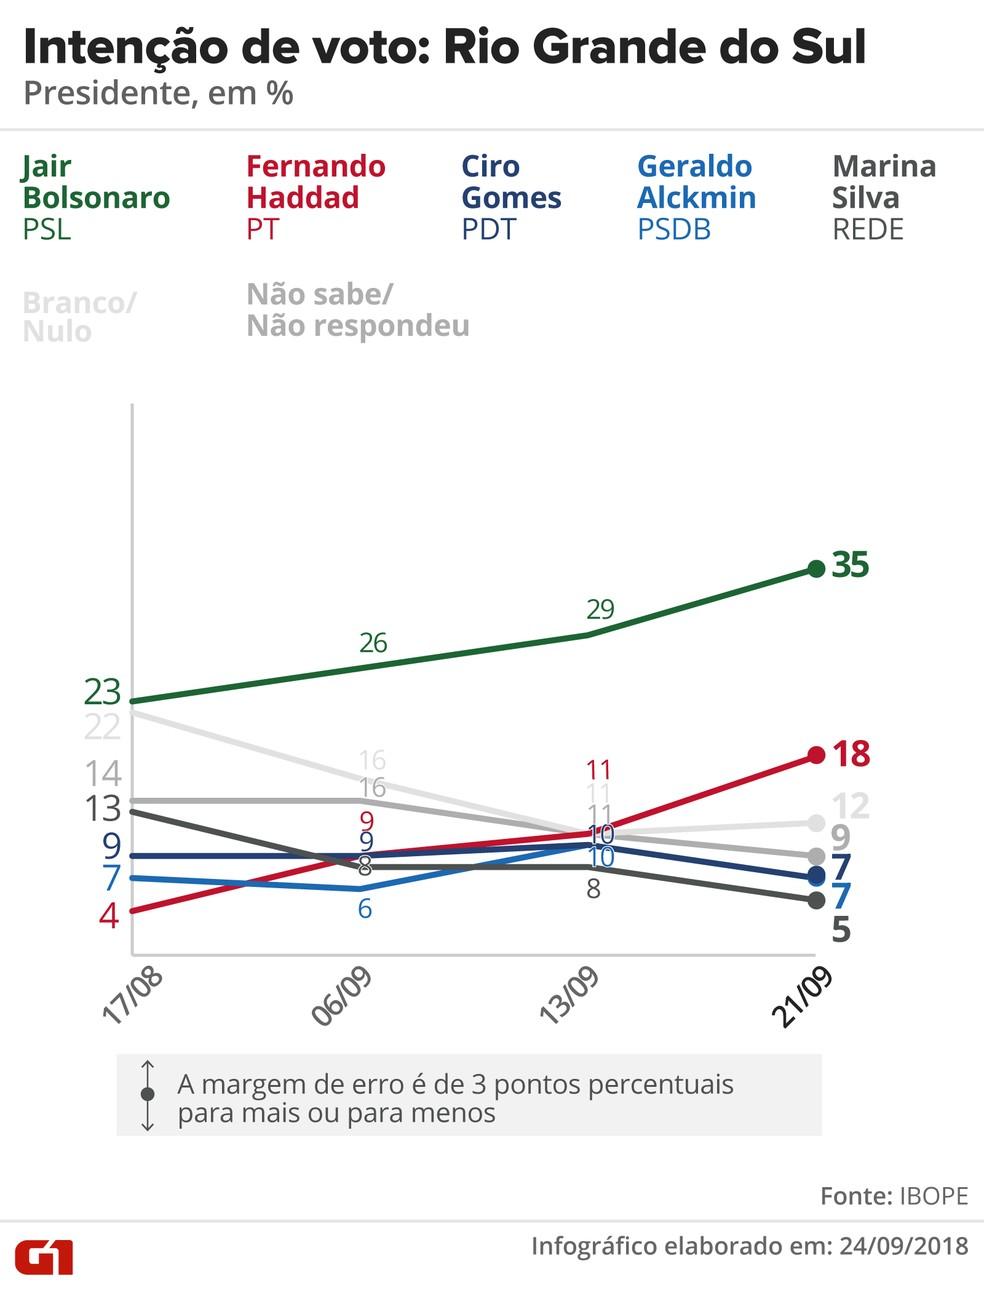 Pesquisa Ibope - evolução da intenção voto para presidente no Rio Grande do Sul. — Foto: Arte/G1